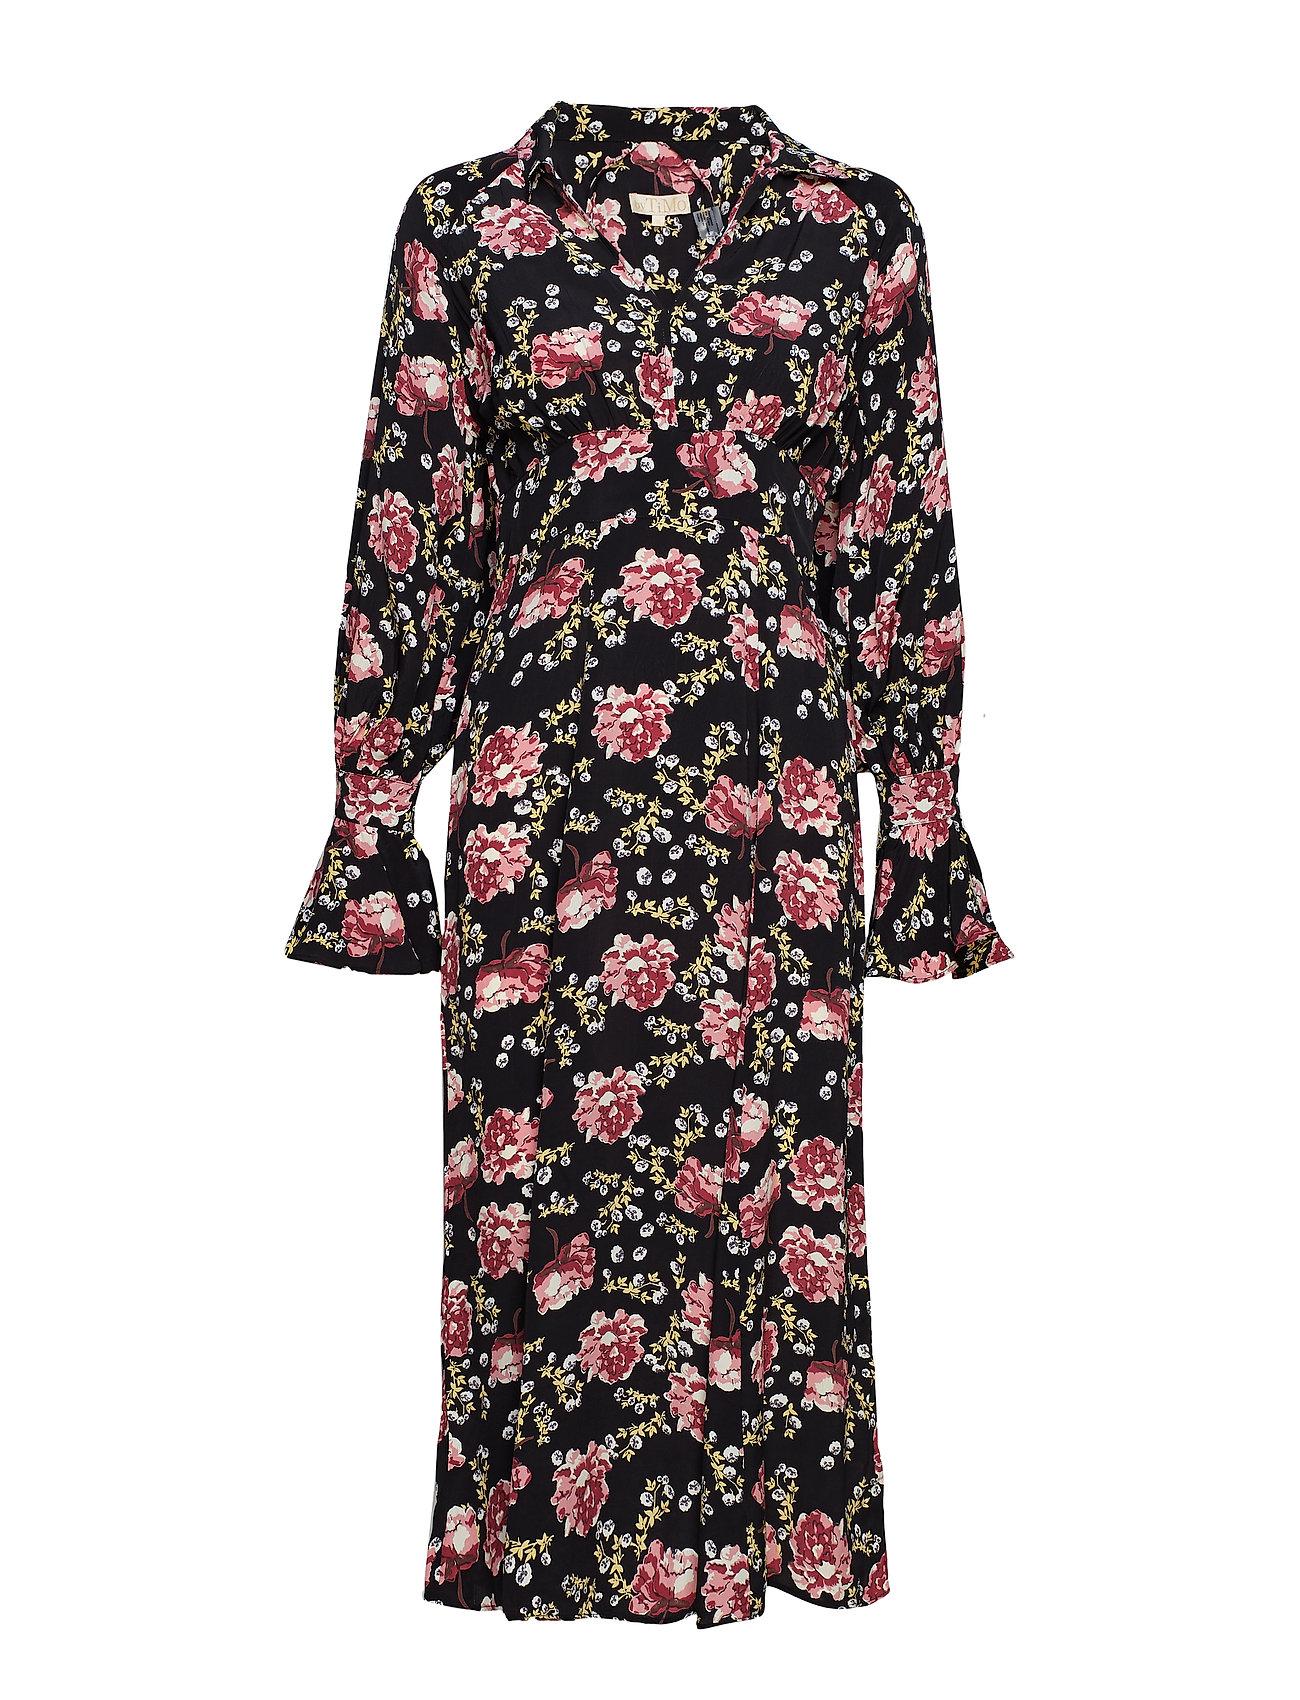 Midi Mo Ti Iconic RedBy Dress796 Day Y6mIgbfv7y